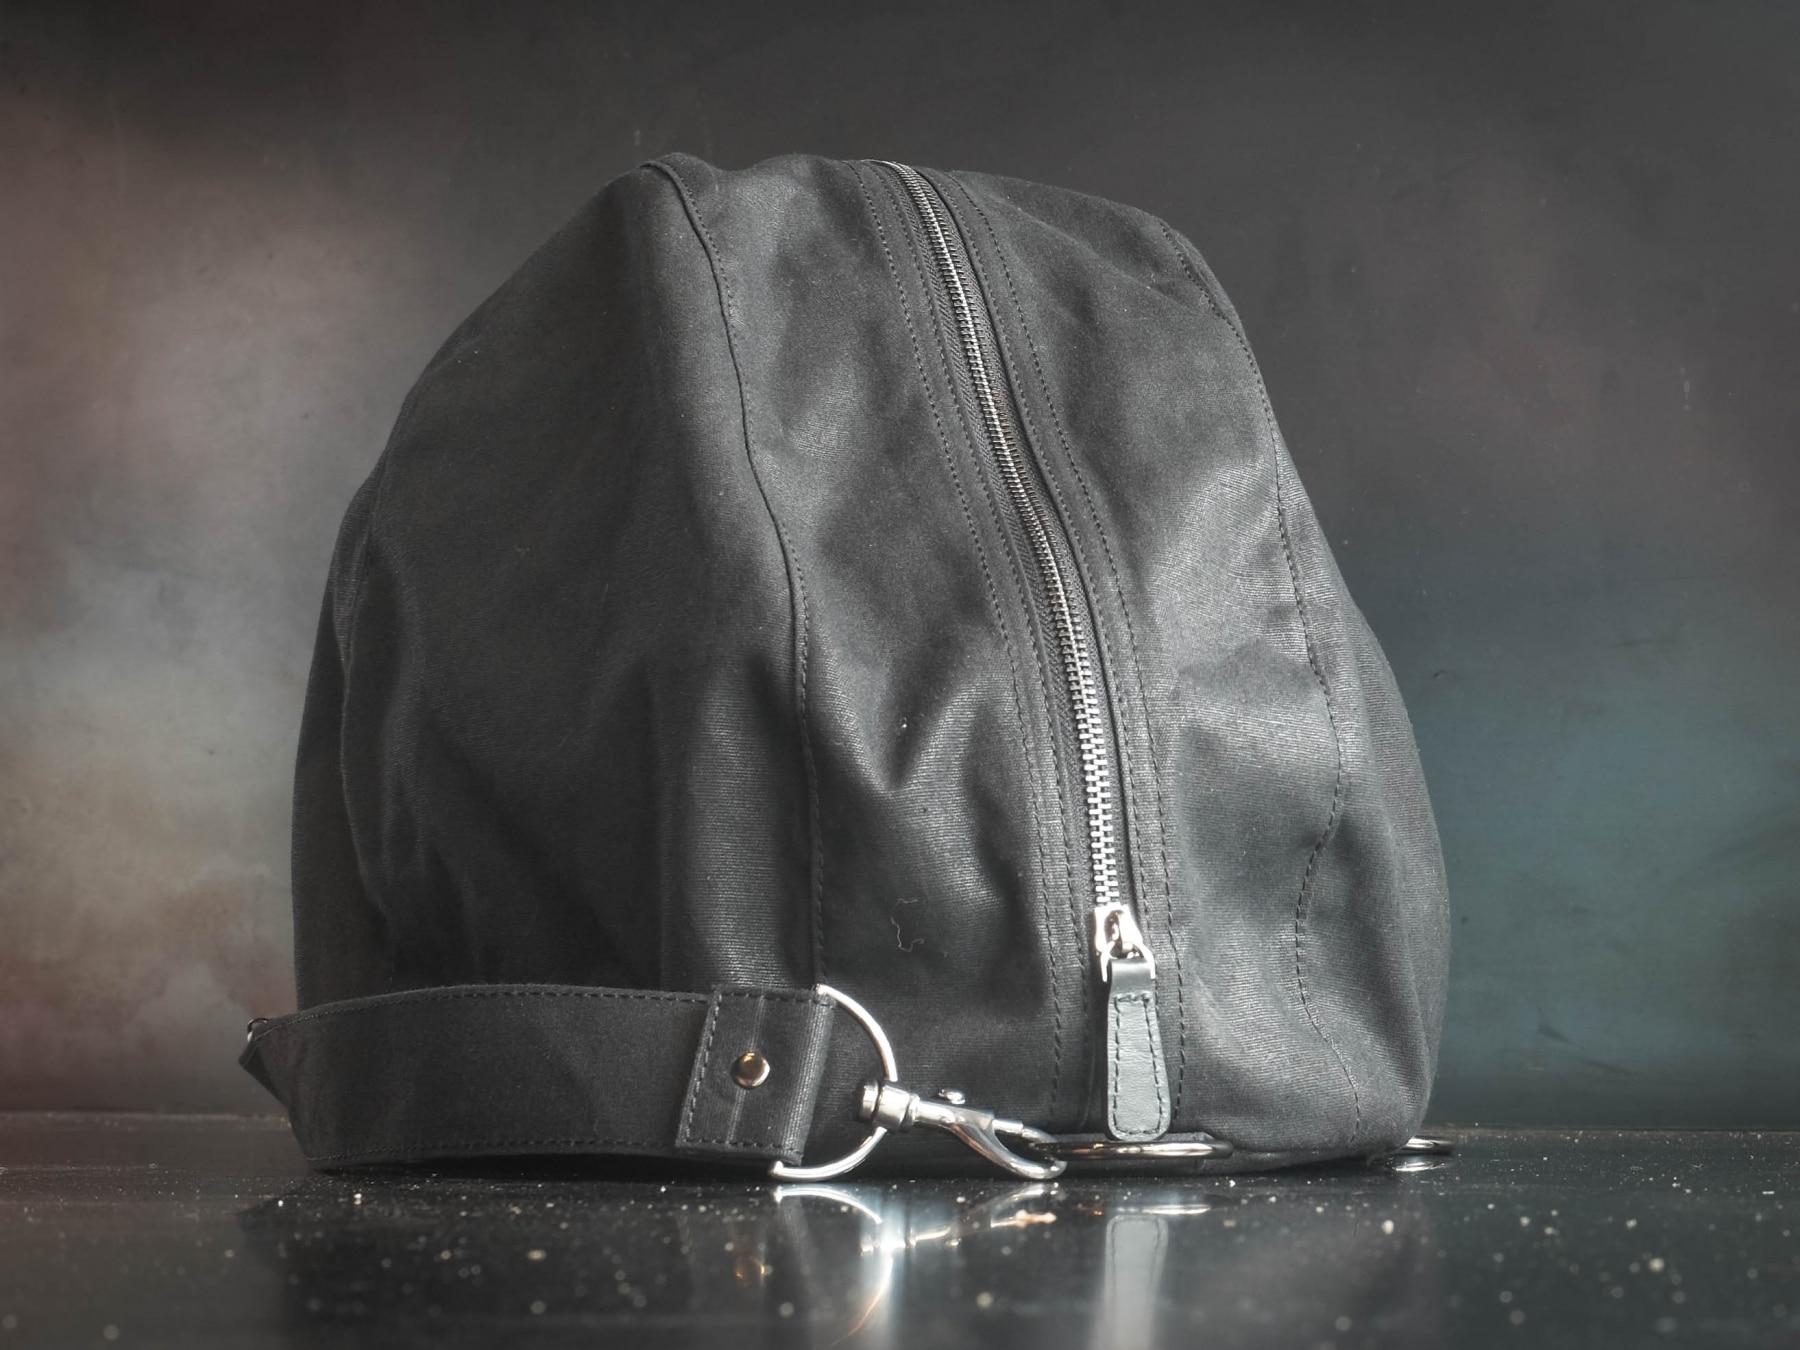 classic motorcycle helmet bag zipper